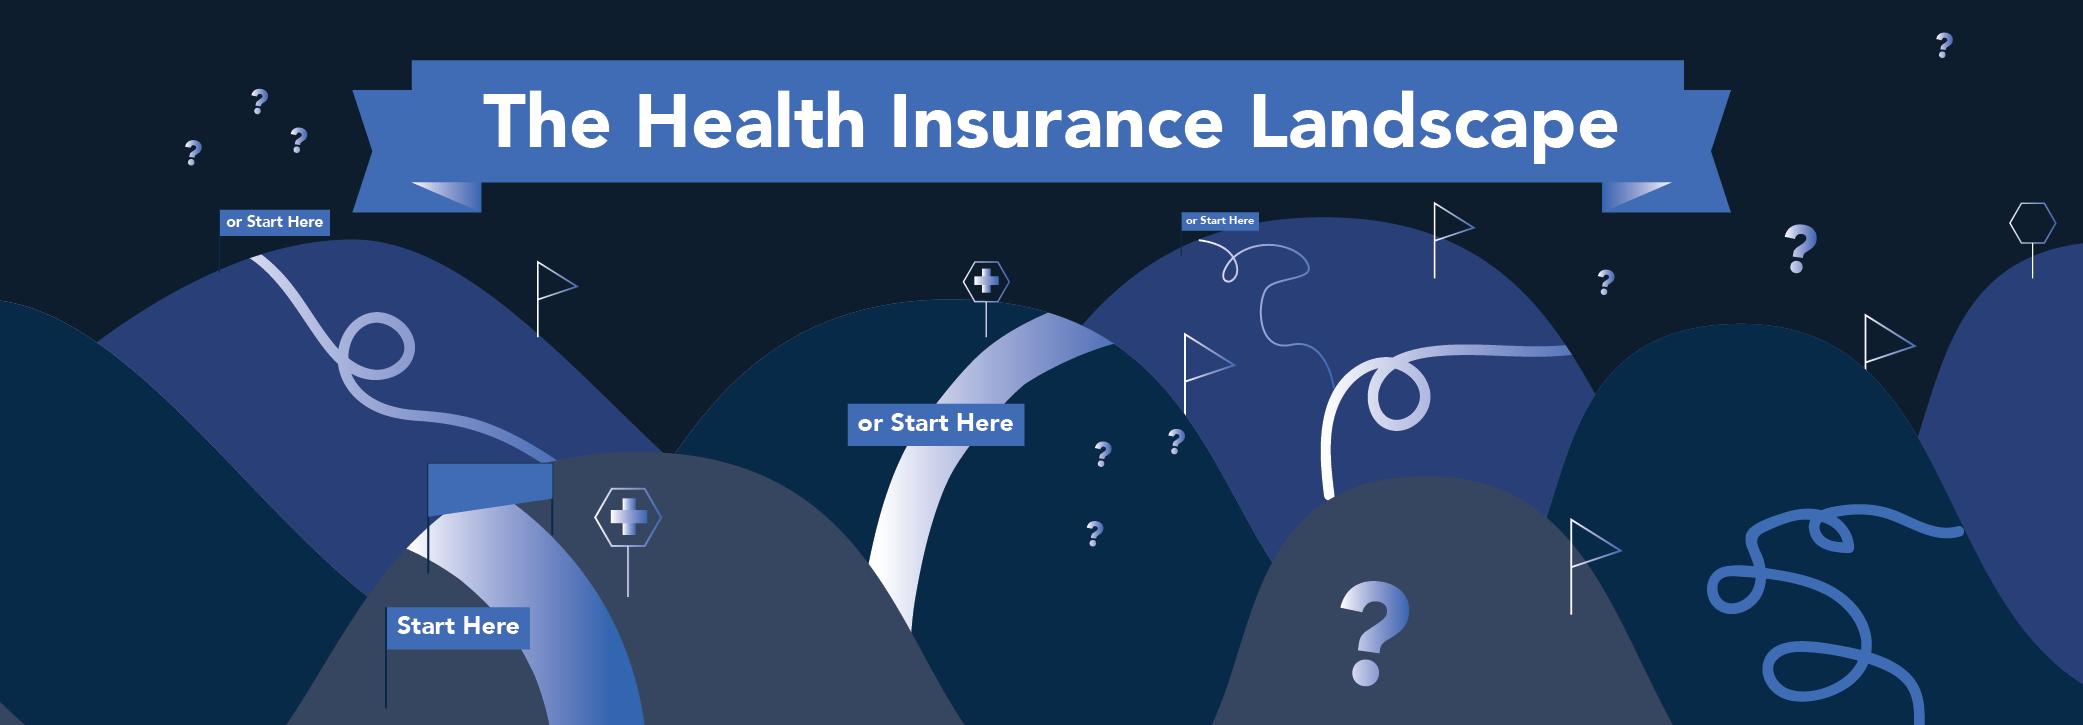 The Health Insurance Landcape